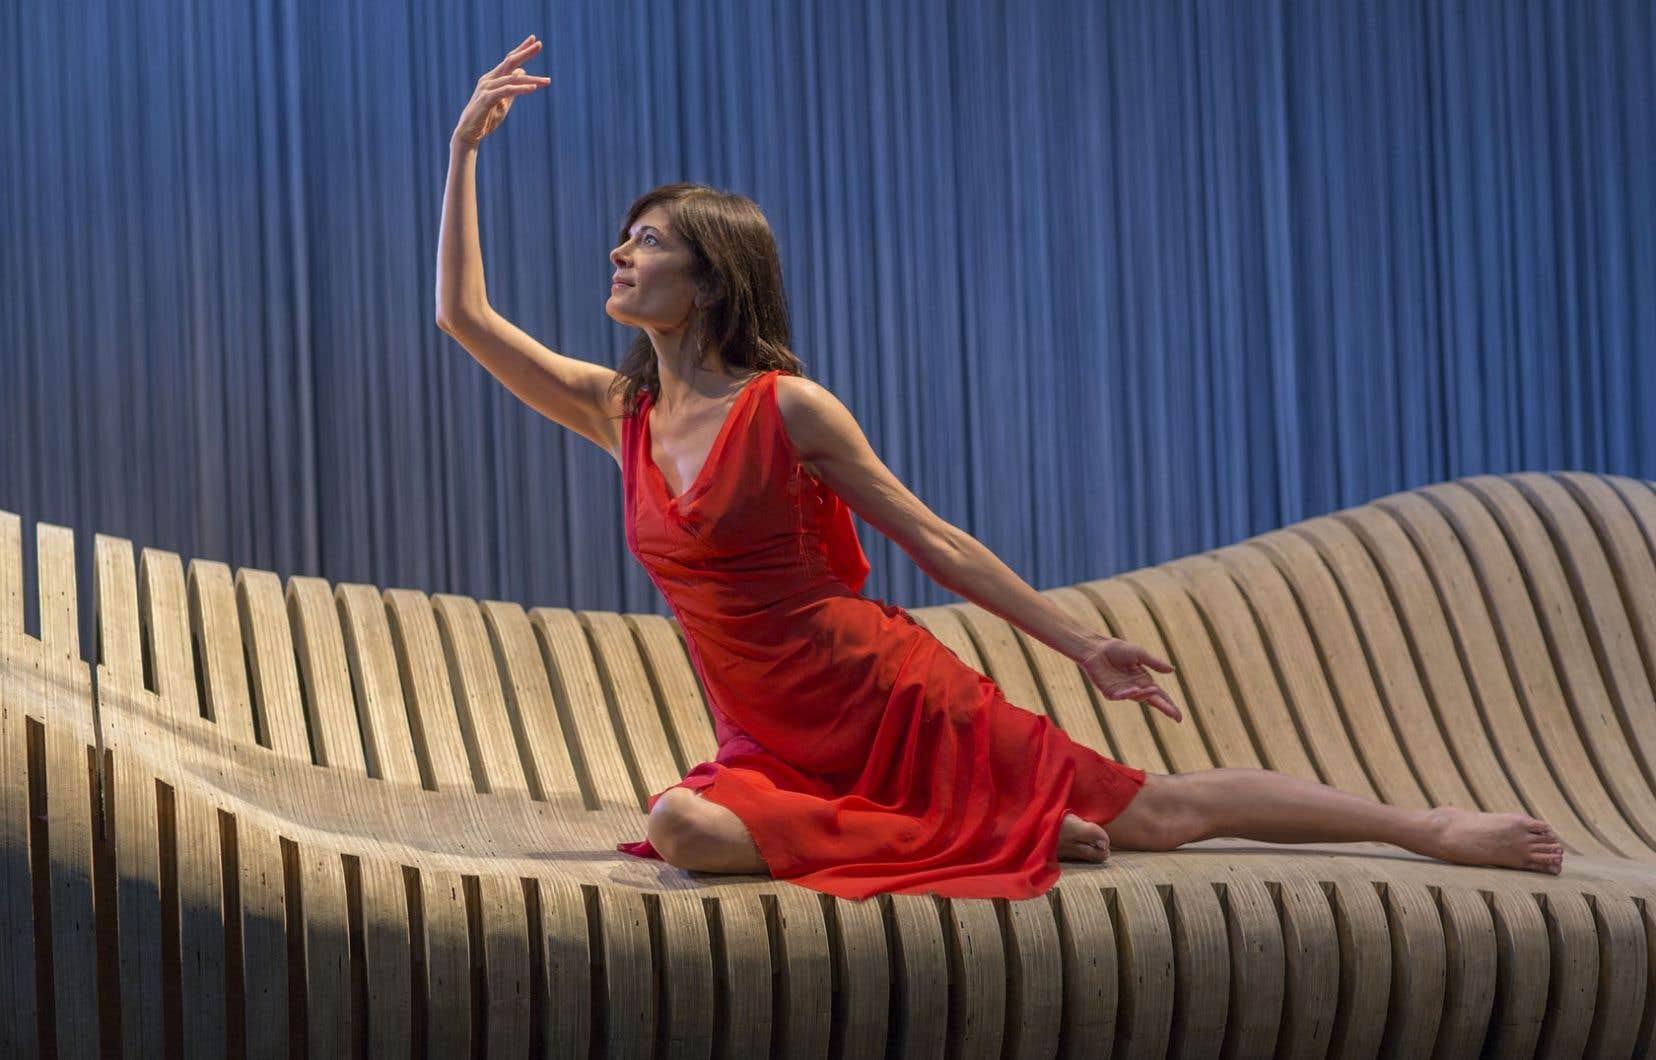 Malgré sa complexité, le monologue de Molly Bloom passe très bien au théâtre, selon Anne-Marie Cadieux. «Le texte gagne en limpidité une fois sur scène. Quelque chose surgit. La partition s'anime.»